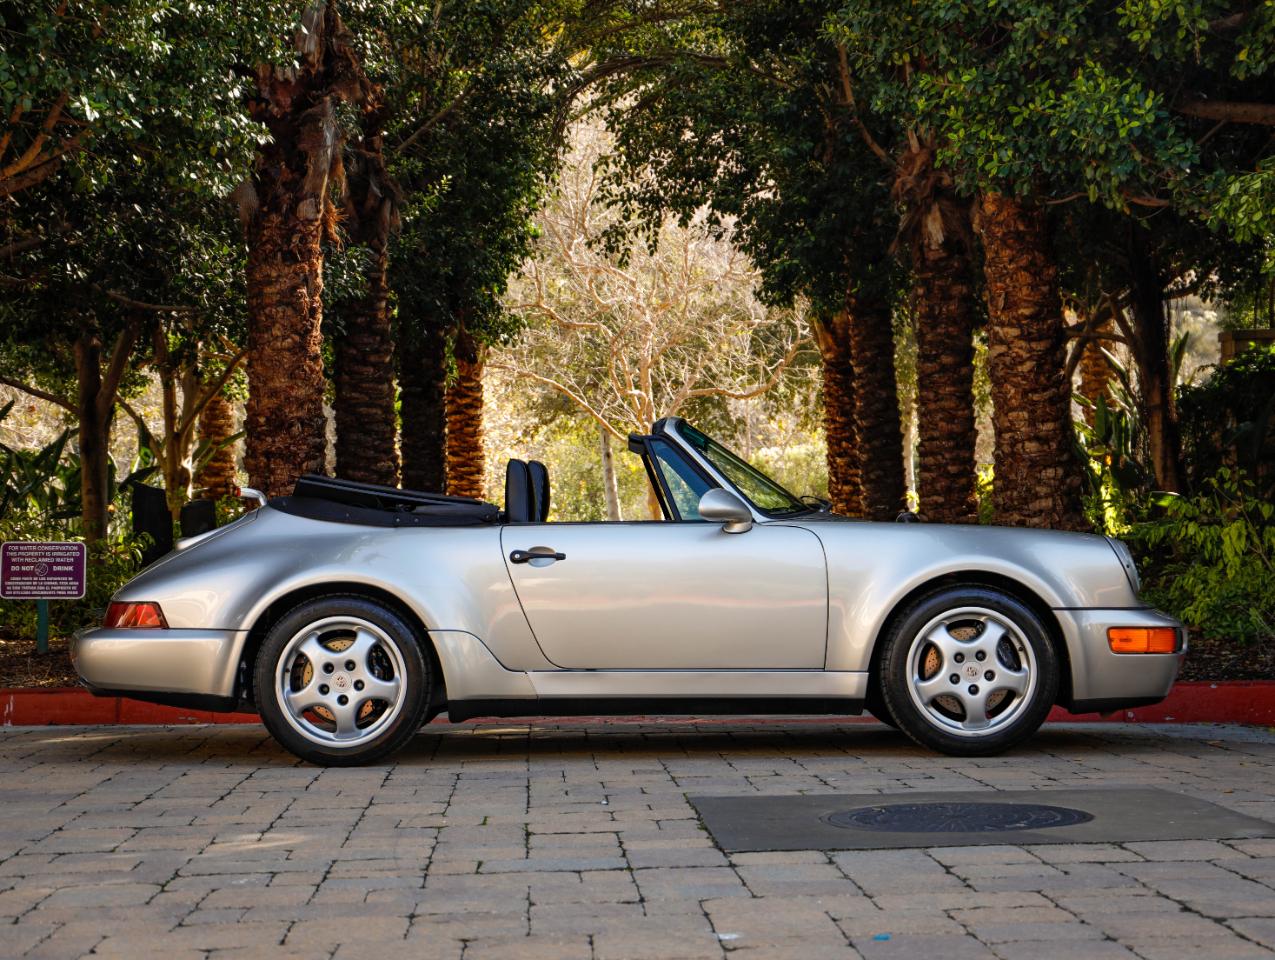 Porsche 964 America Roadster 1992 , elferspot.com